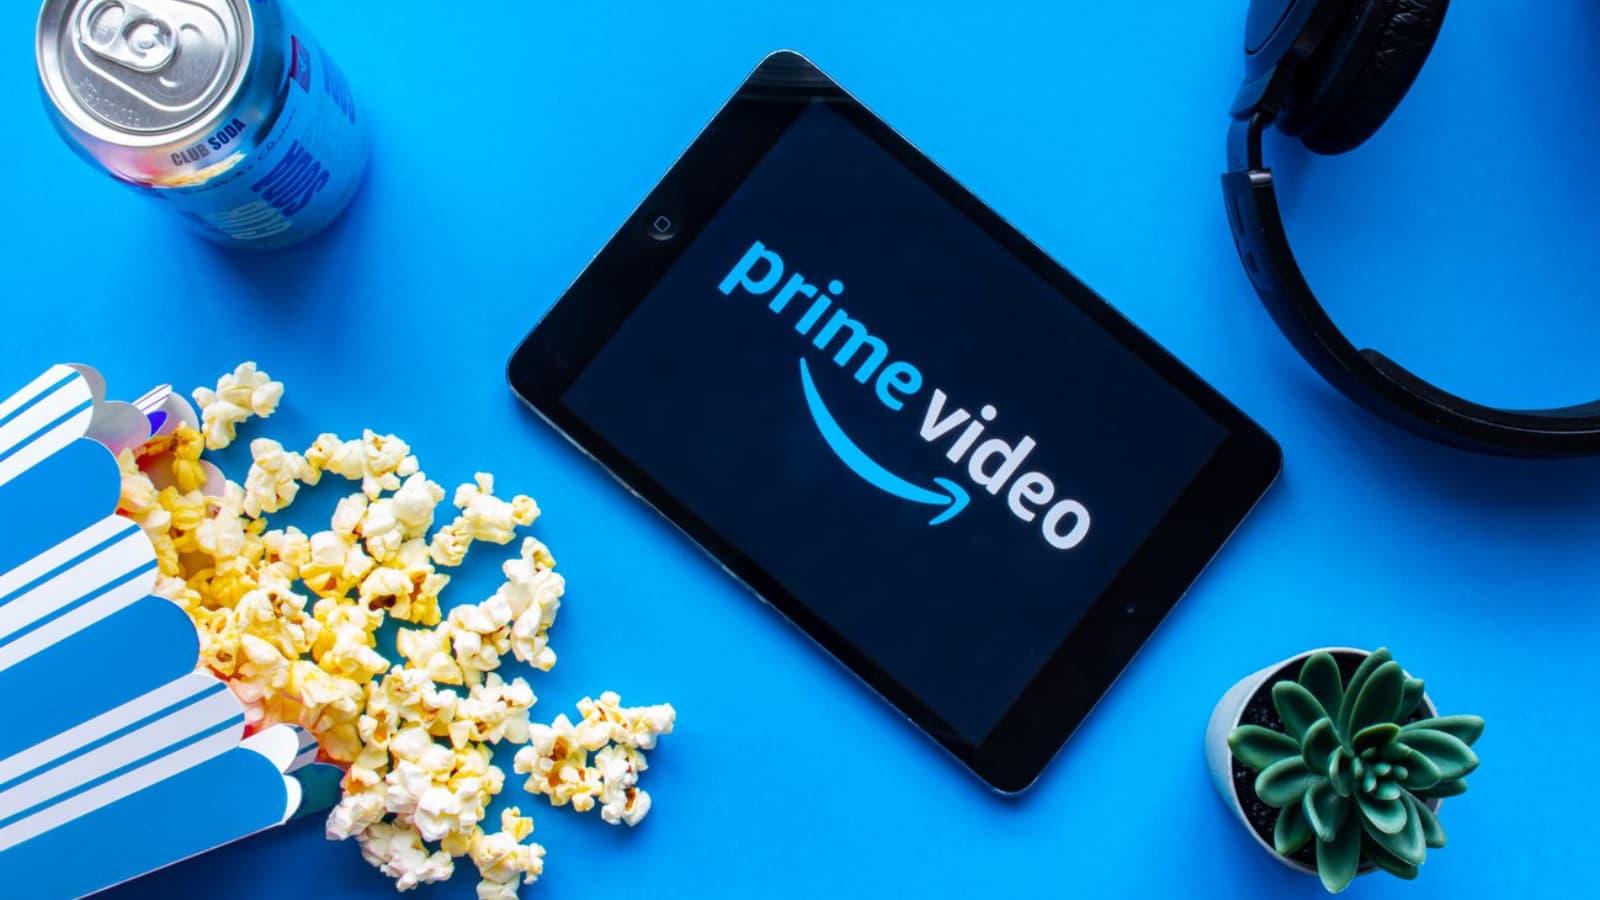 Séries, films, foot... Tout est livré chez vous avec Amazon Prime Video